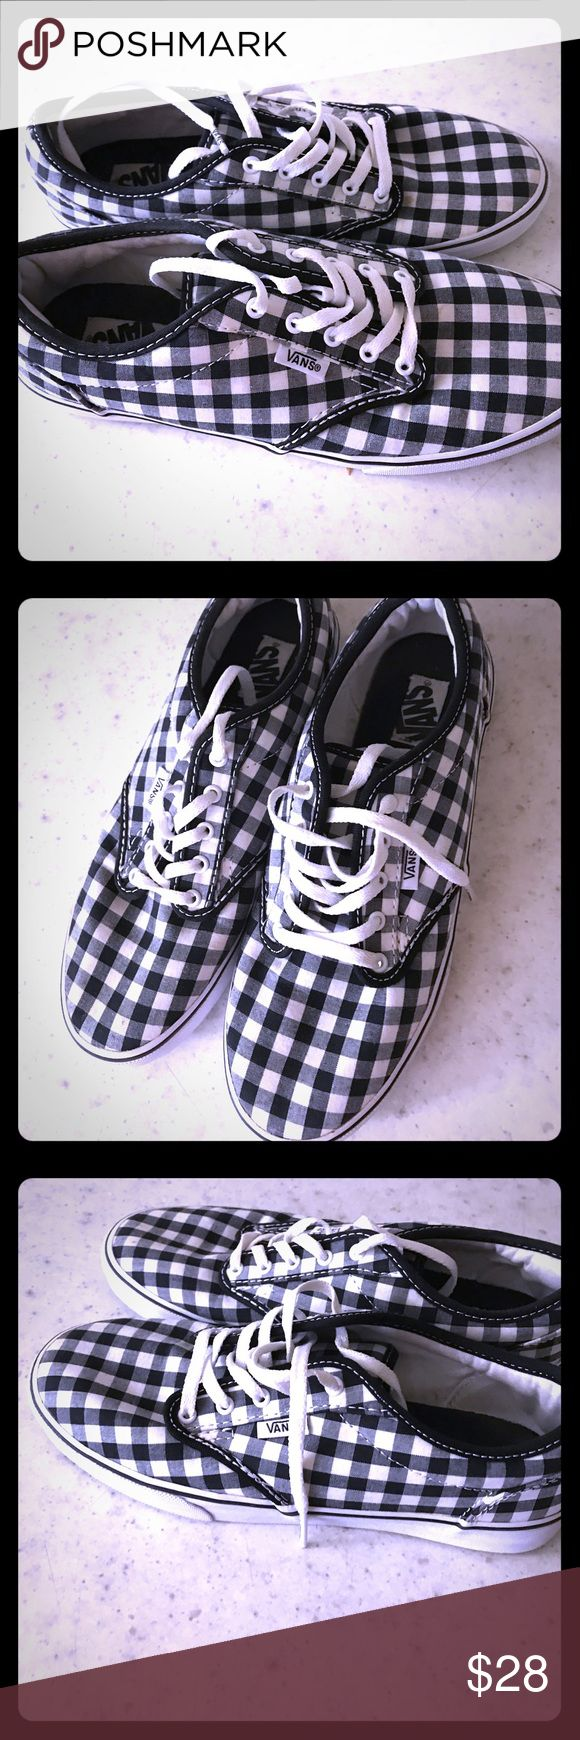 Vans Tennis Shoes Like new - Just worn once Vans Shoes Sneakers